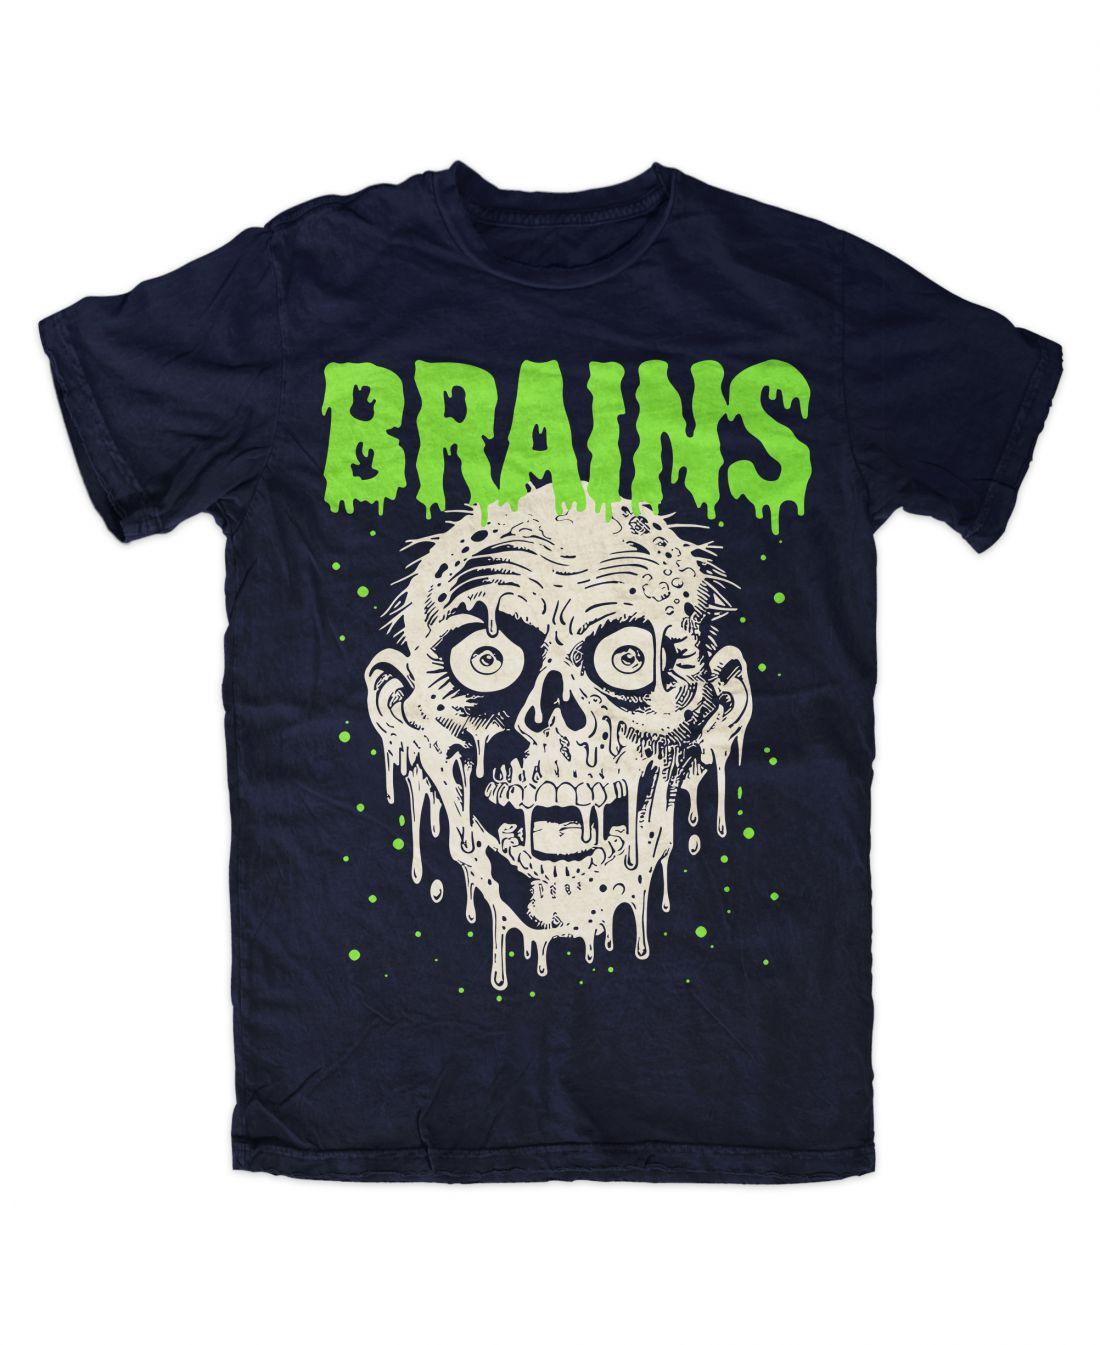 Brains (navy blue póló)